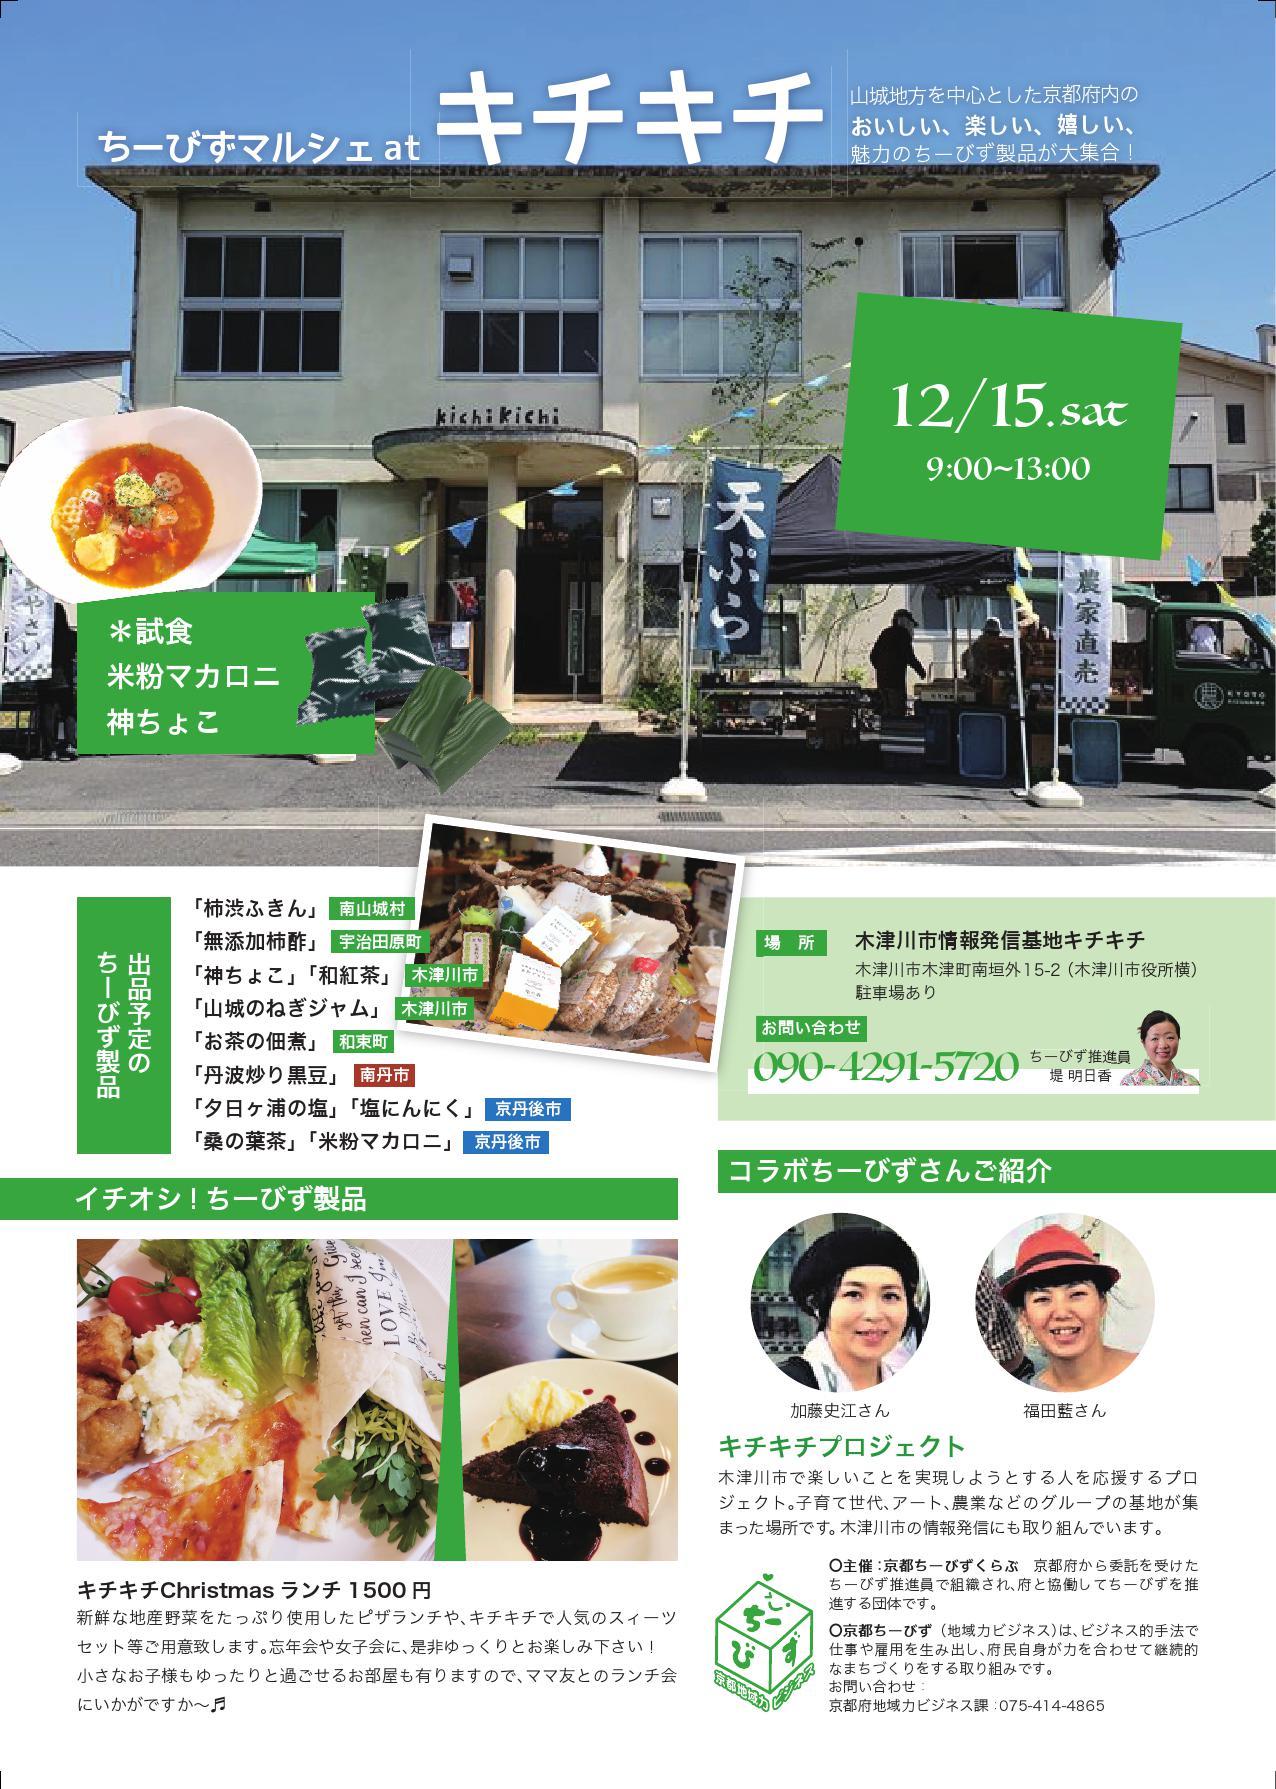 ちーびずマルシェ atキチキチ(木津川市)